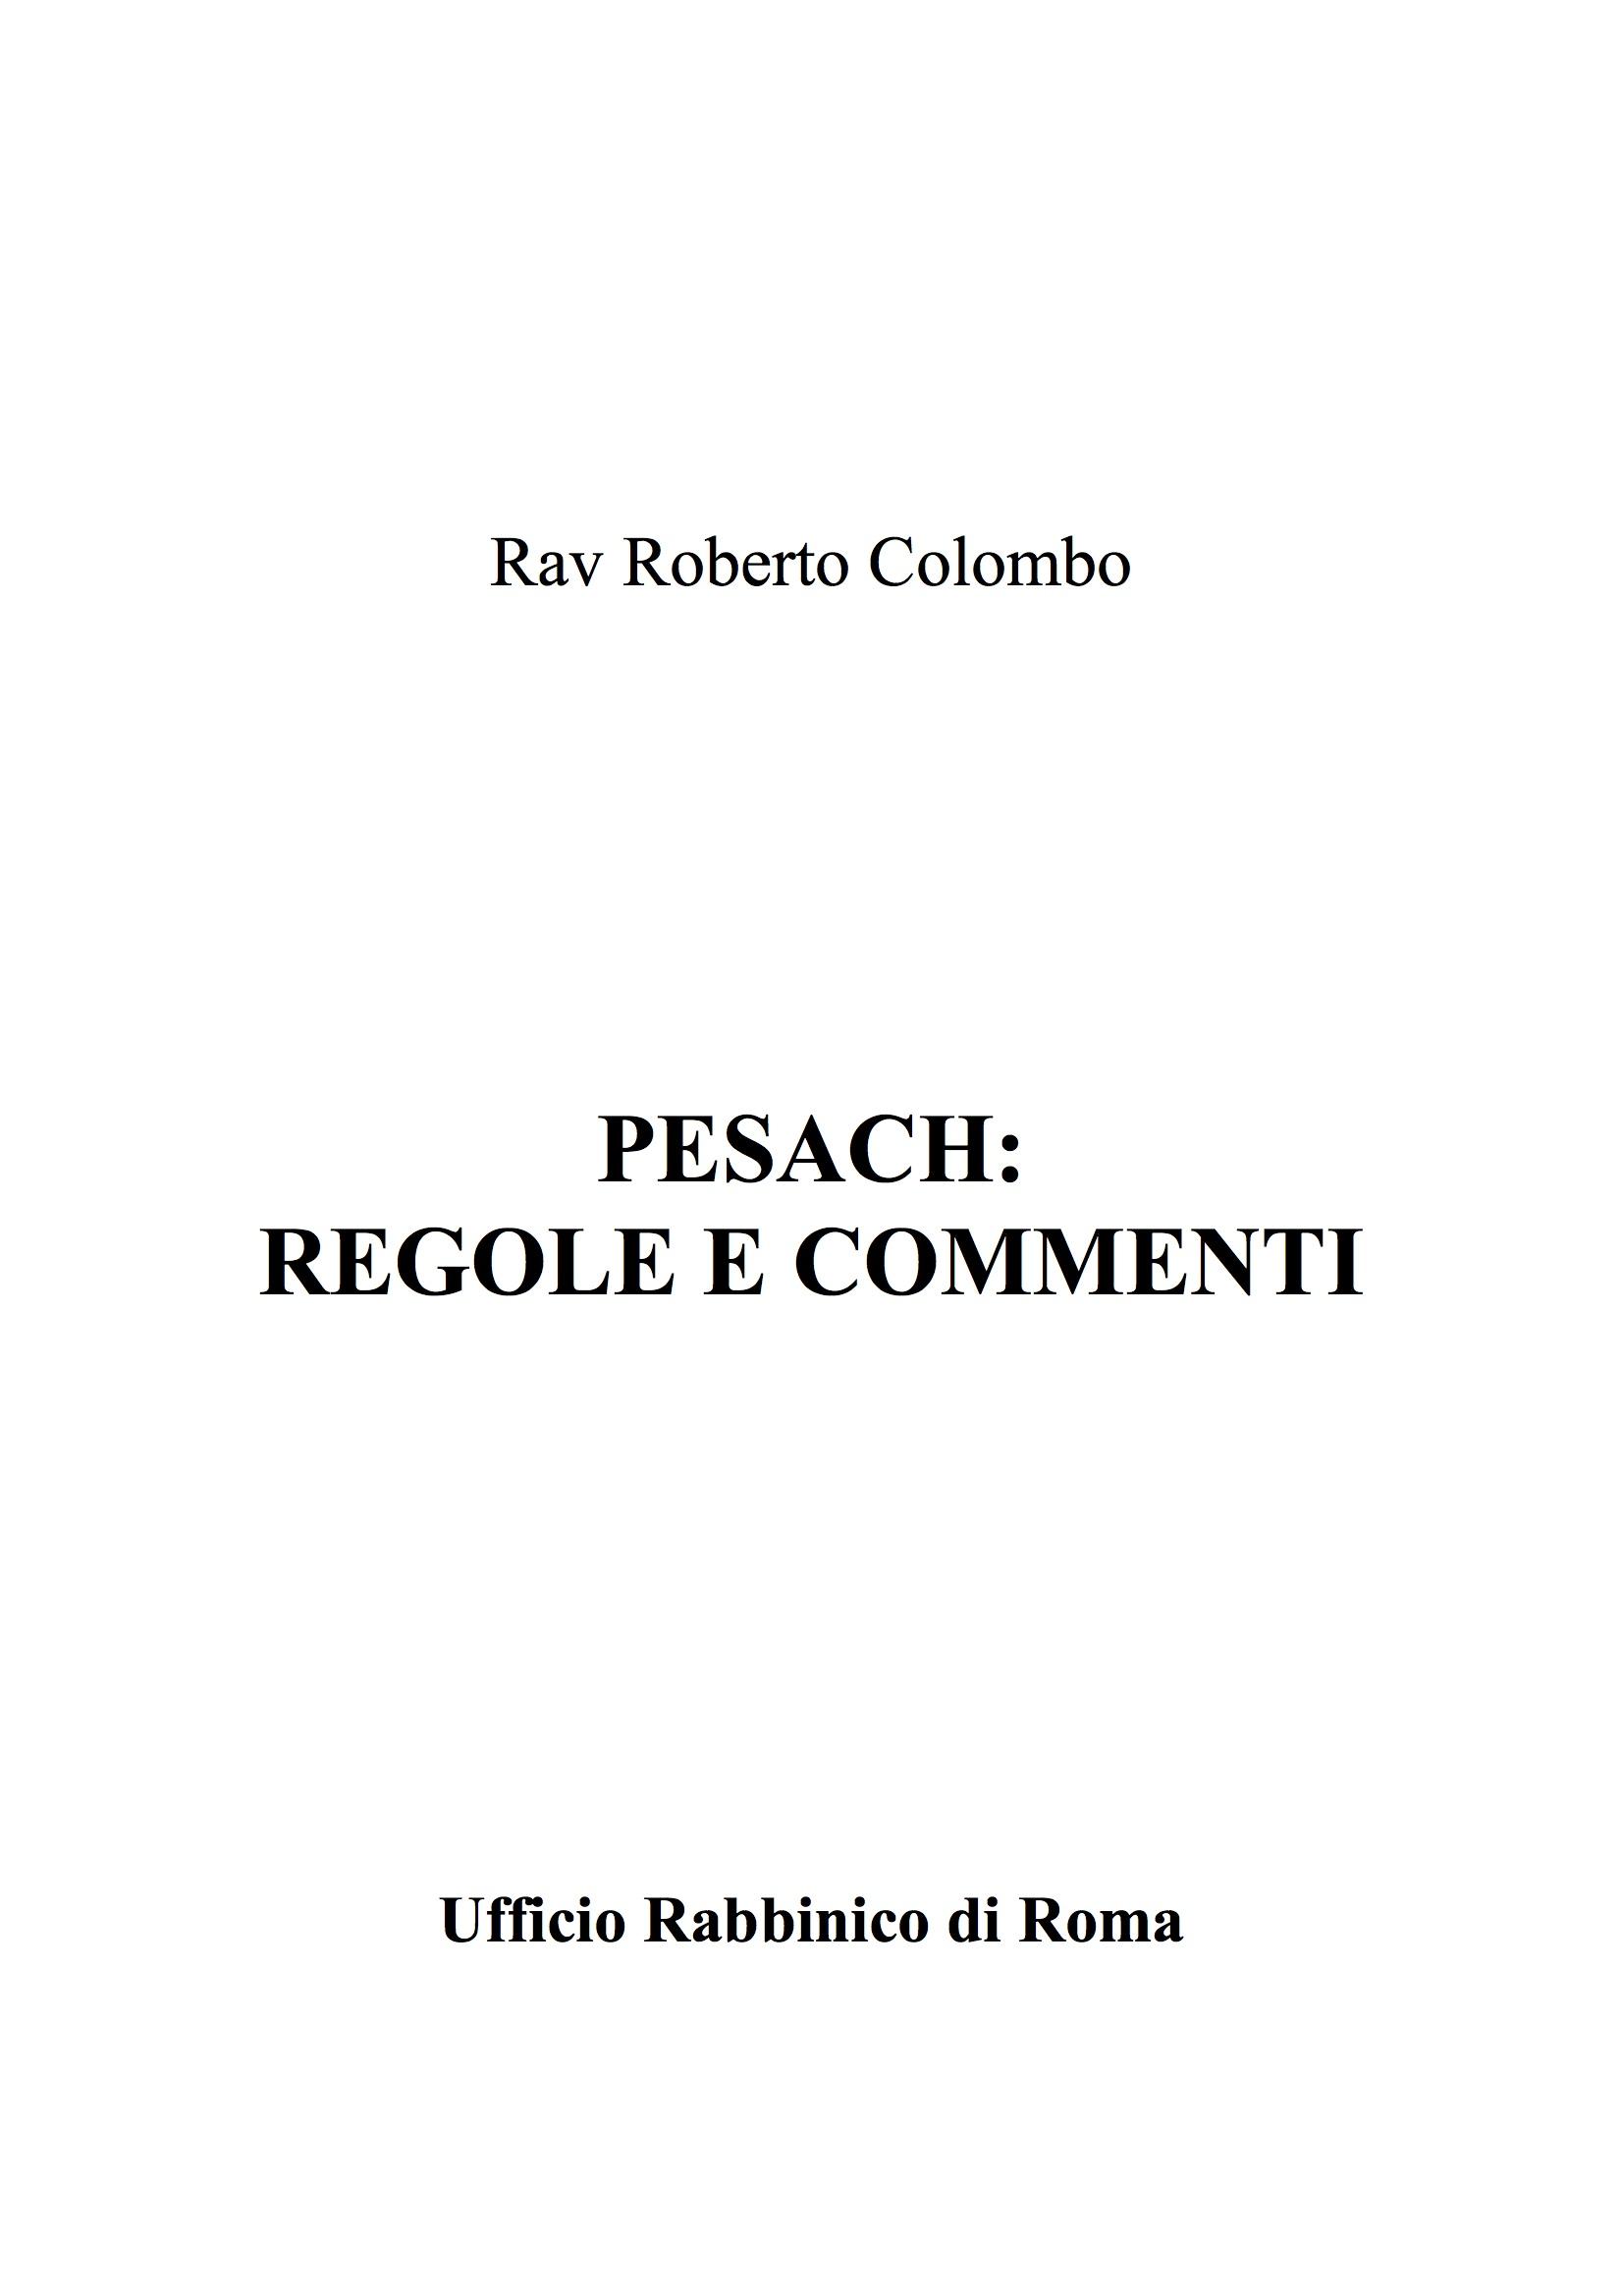 REGOLE E COMMENTI (Colombo).jpg